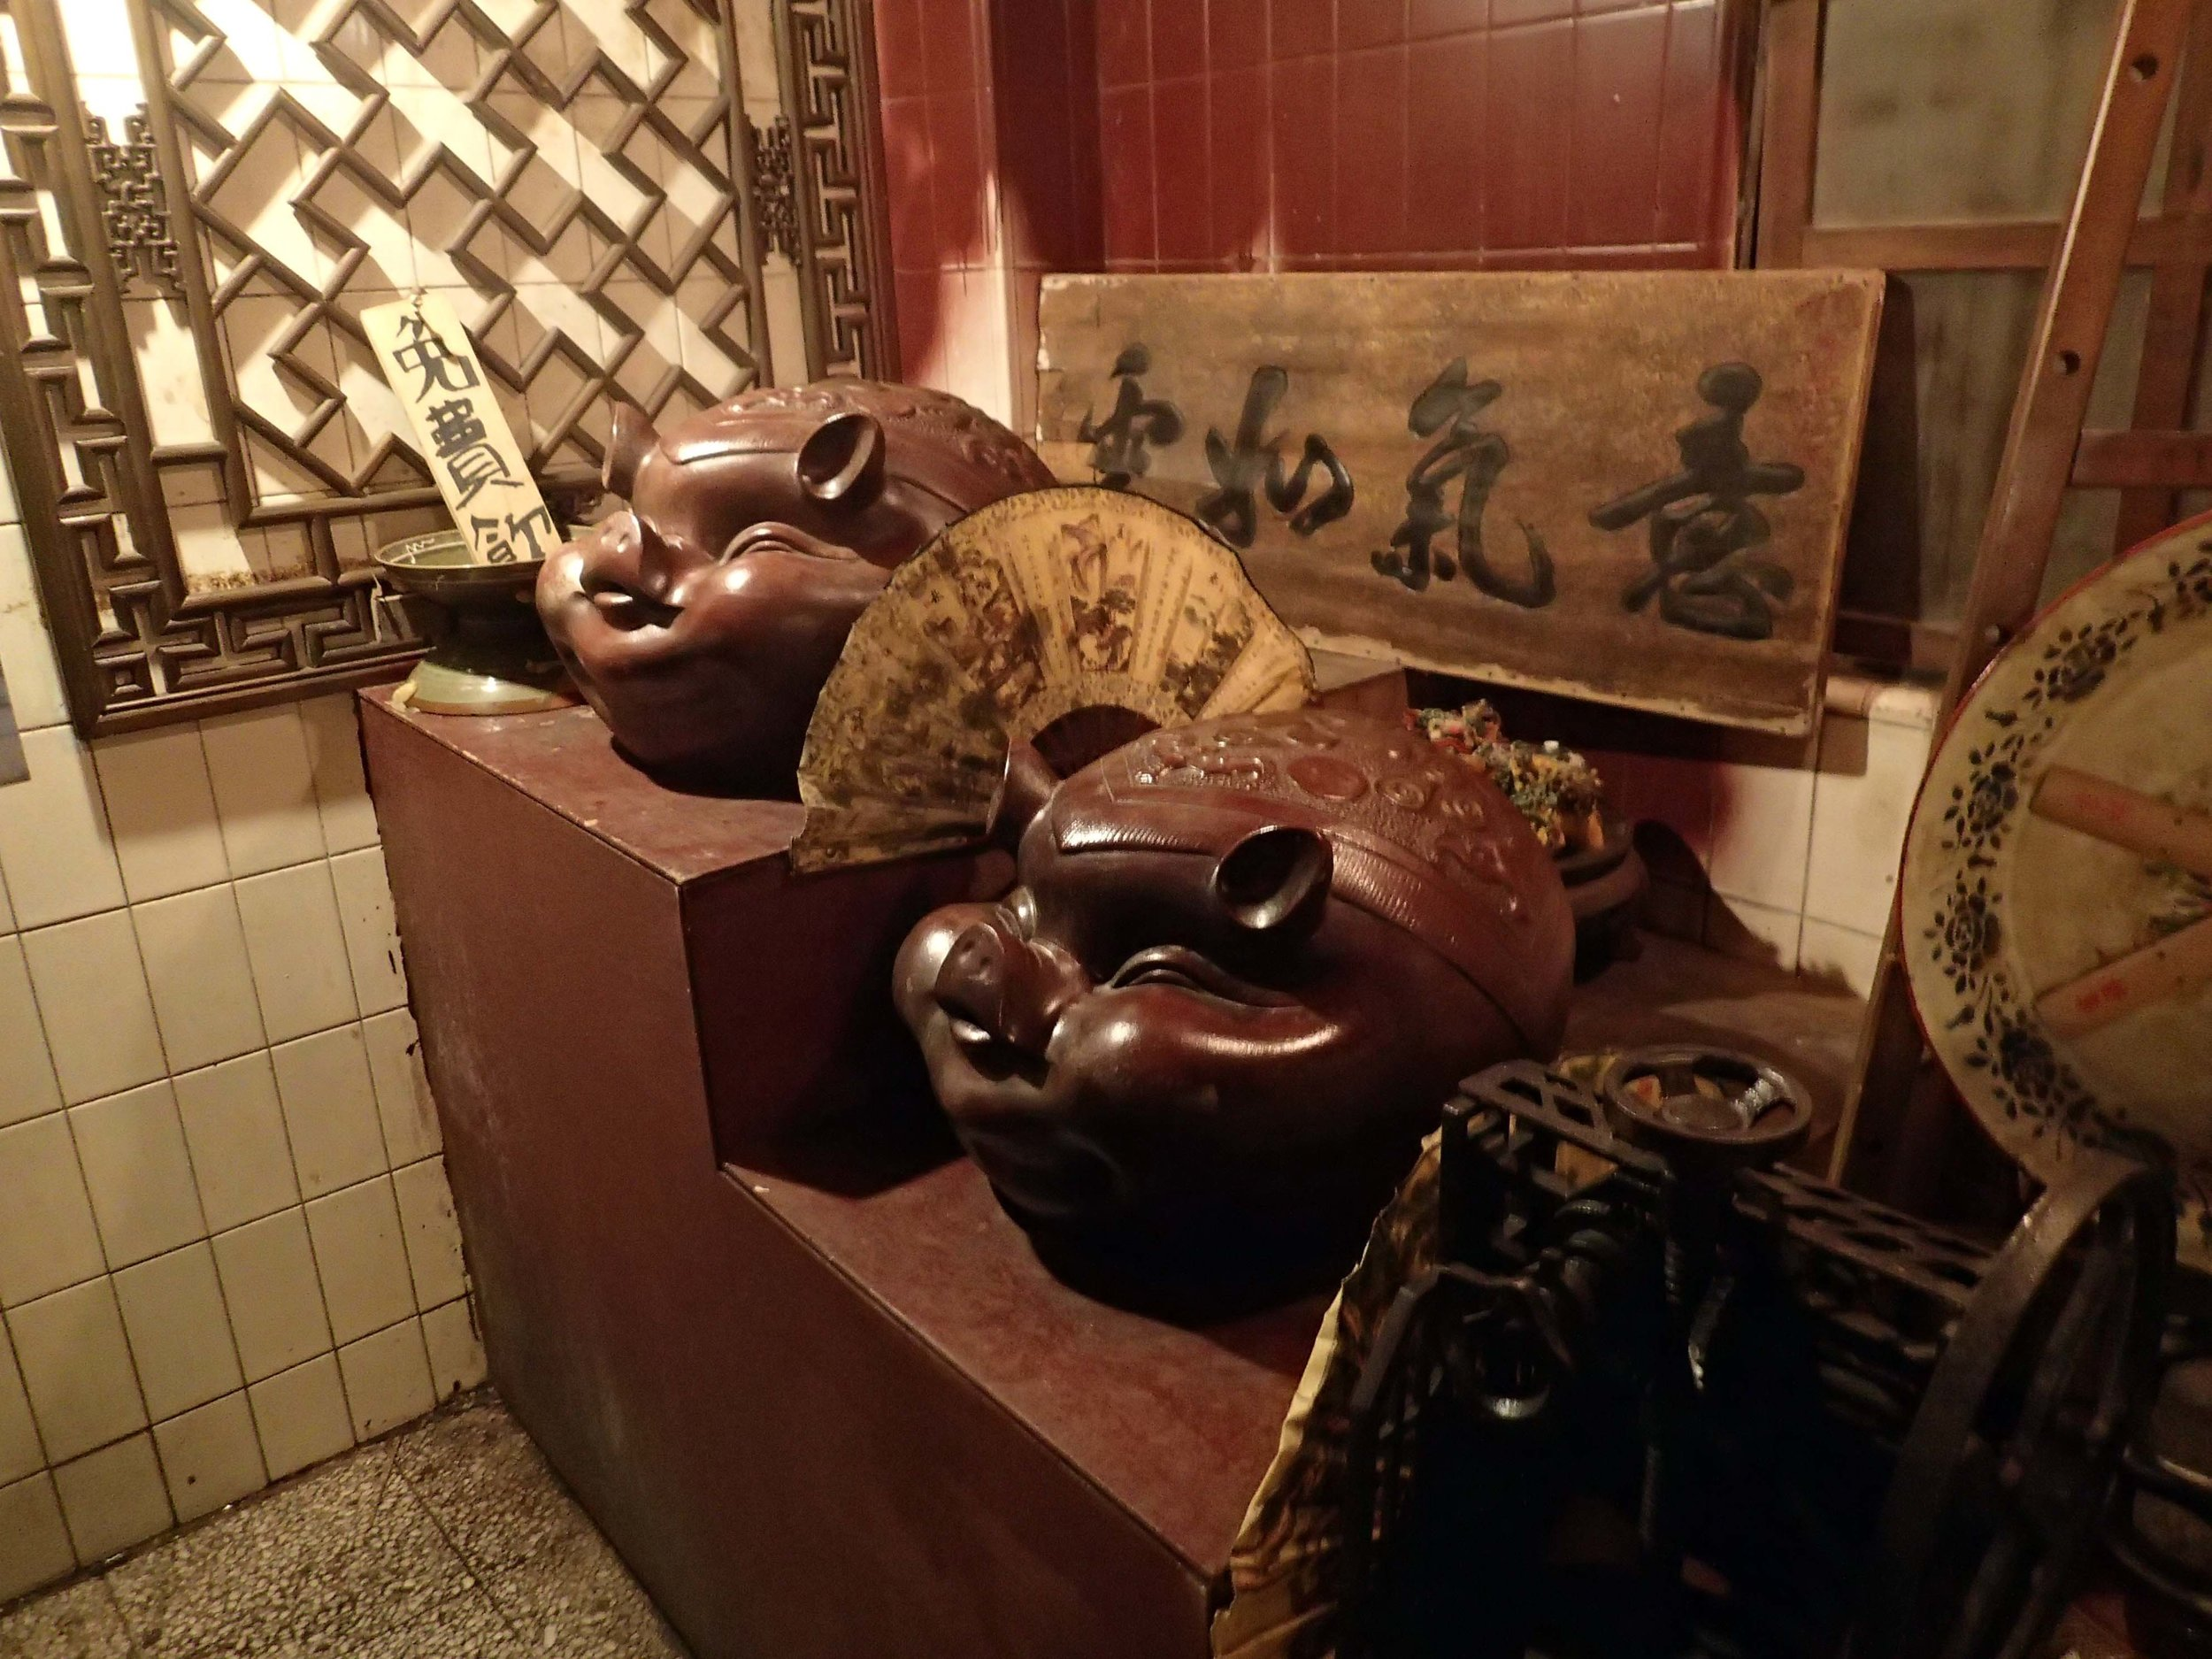 pig statues.jpg